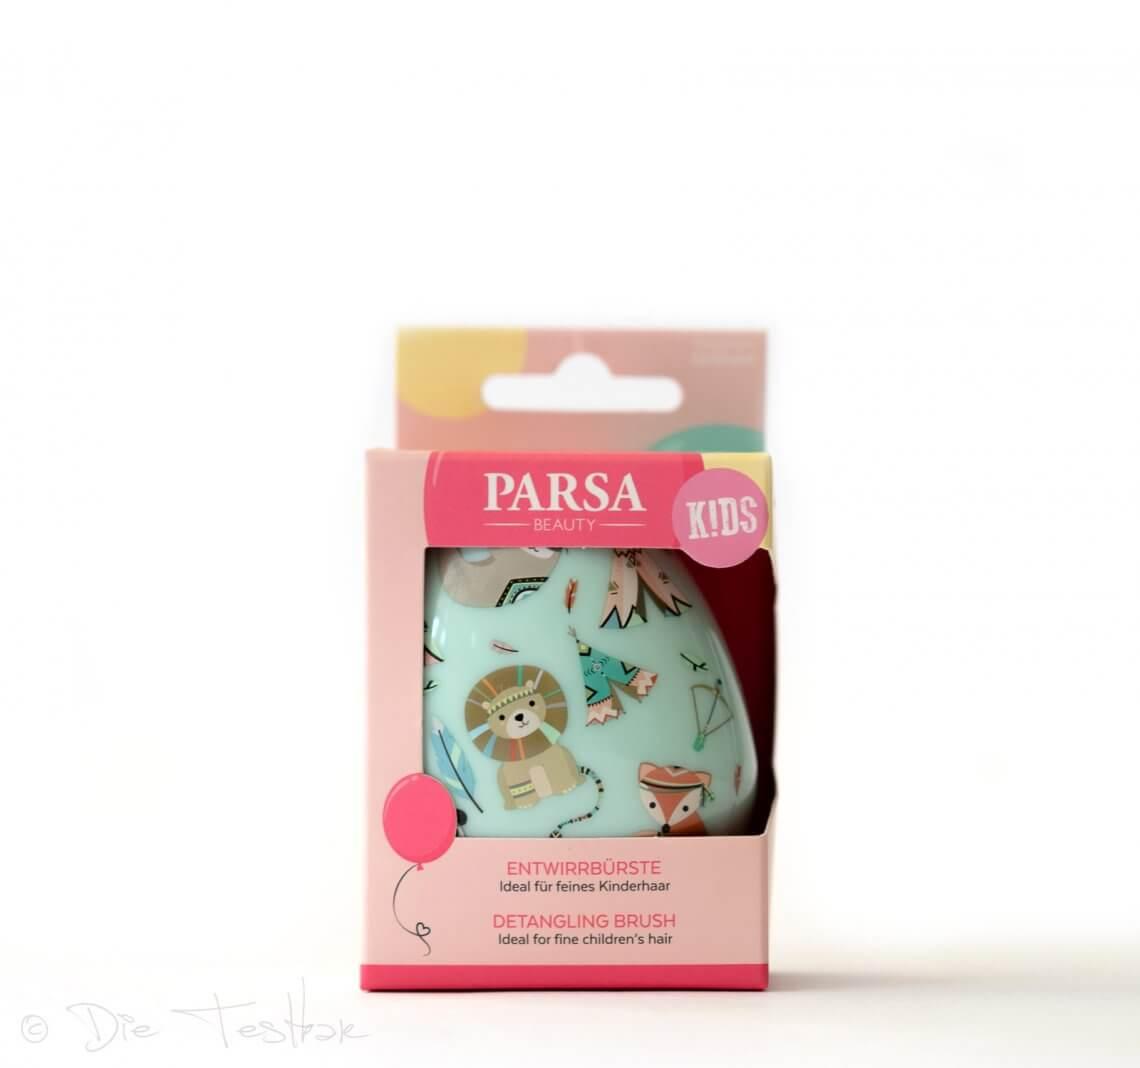 PARSA Beauty Entwirrbürste Indianer und Fee